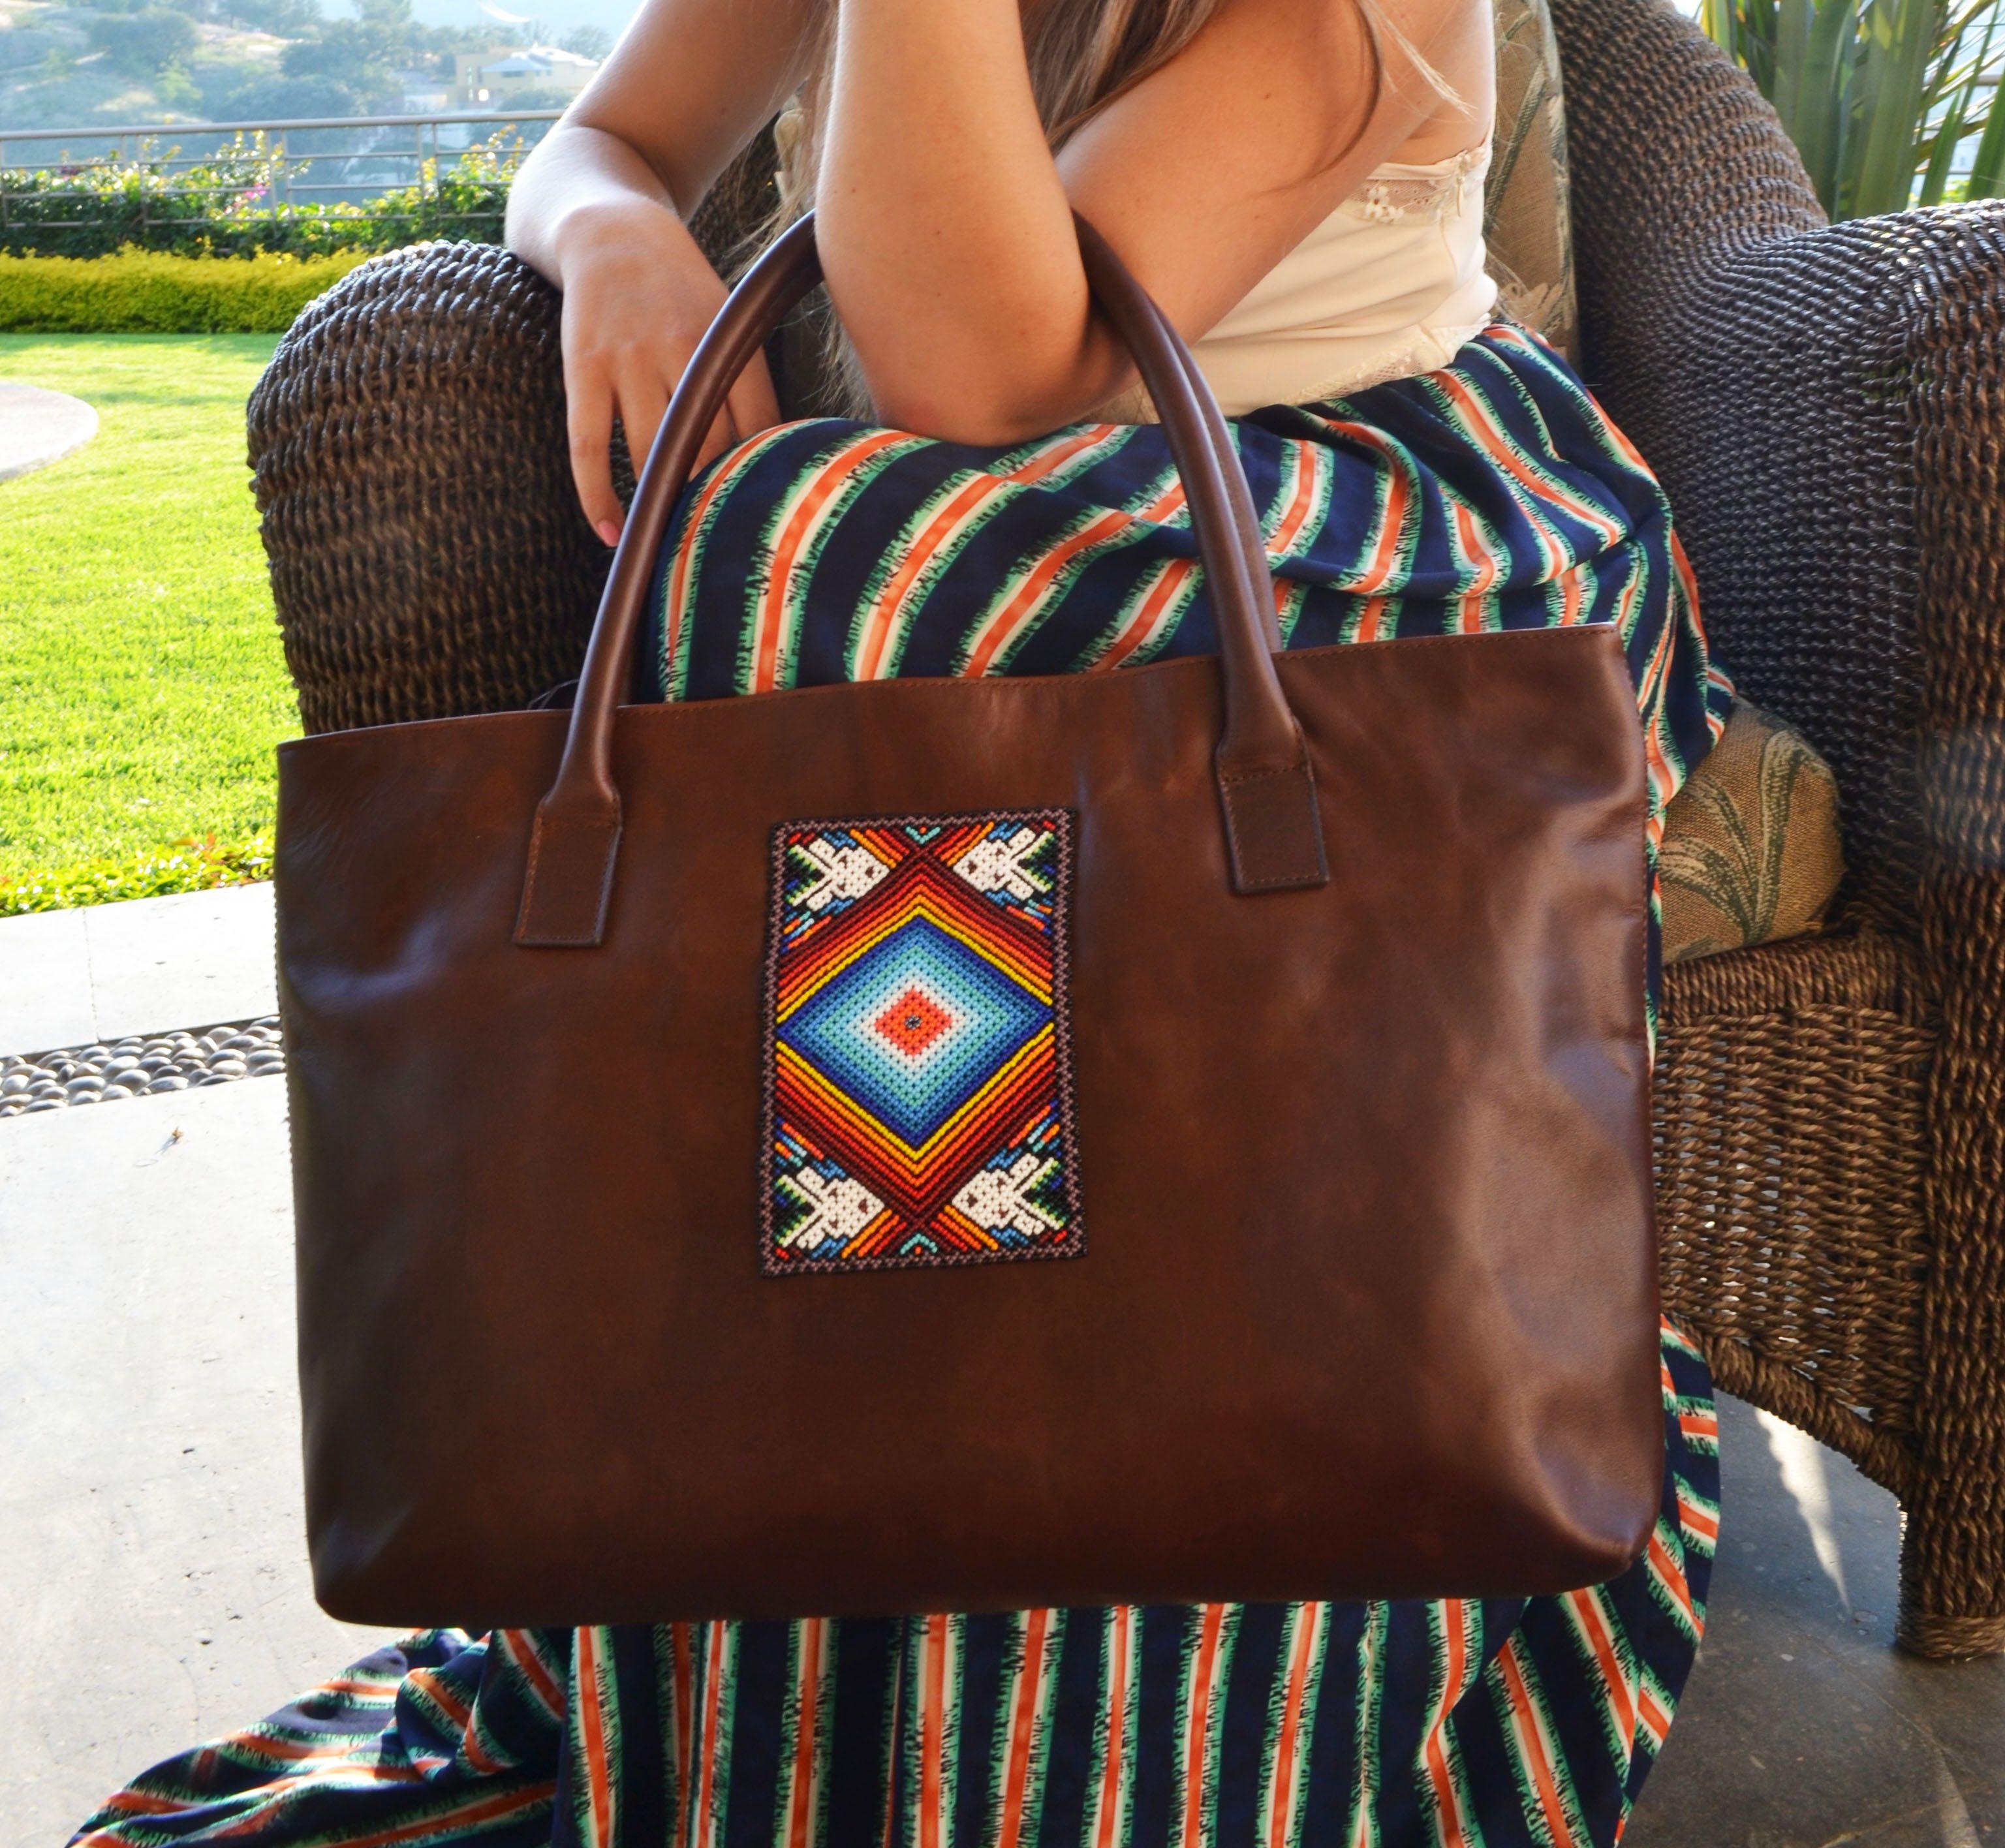 dc0fa5aae448a Bolsa de piel genuina con un toque de artesanía huichol único. Pieza única  y exclusiva.